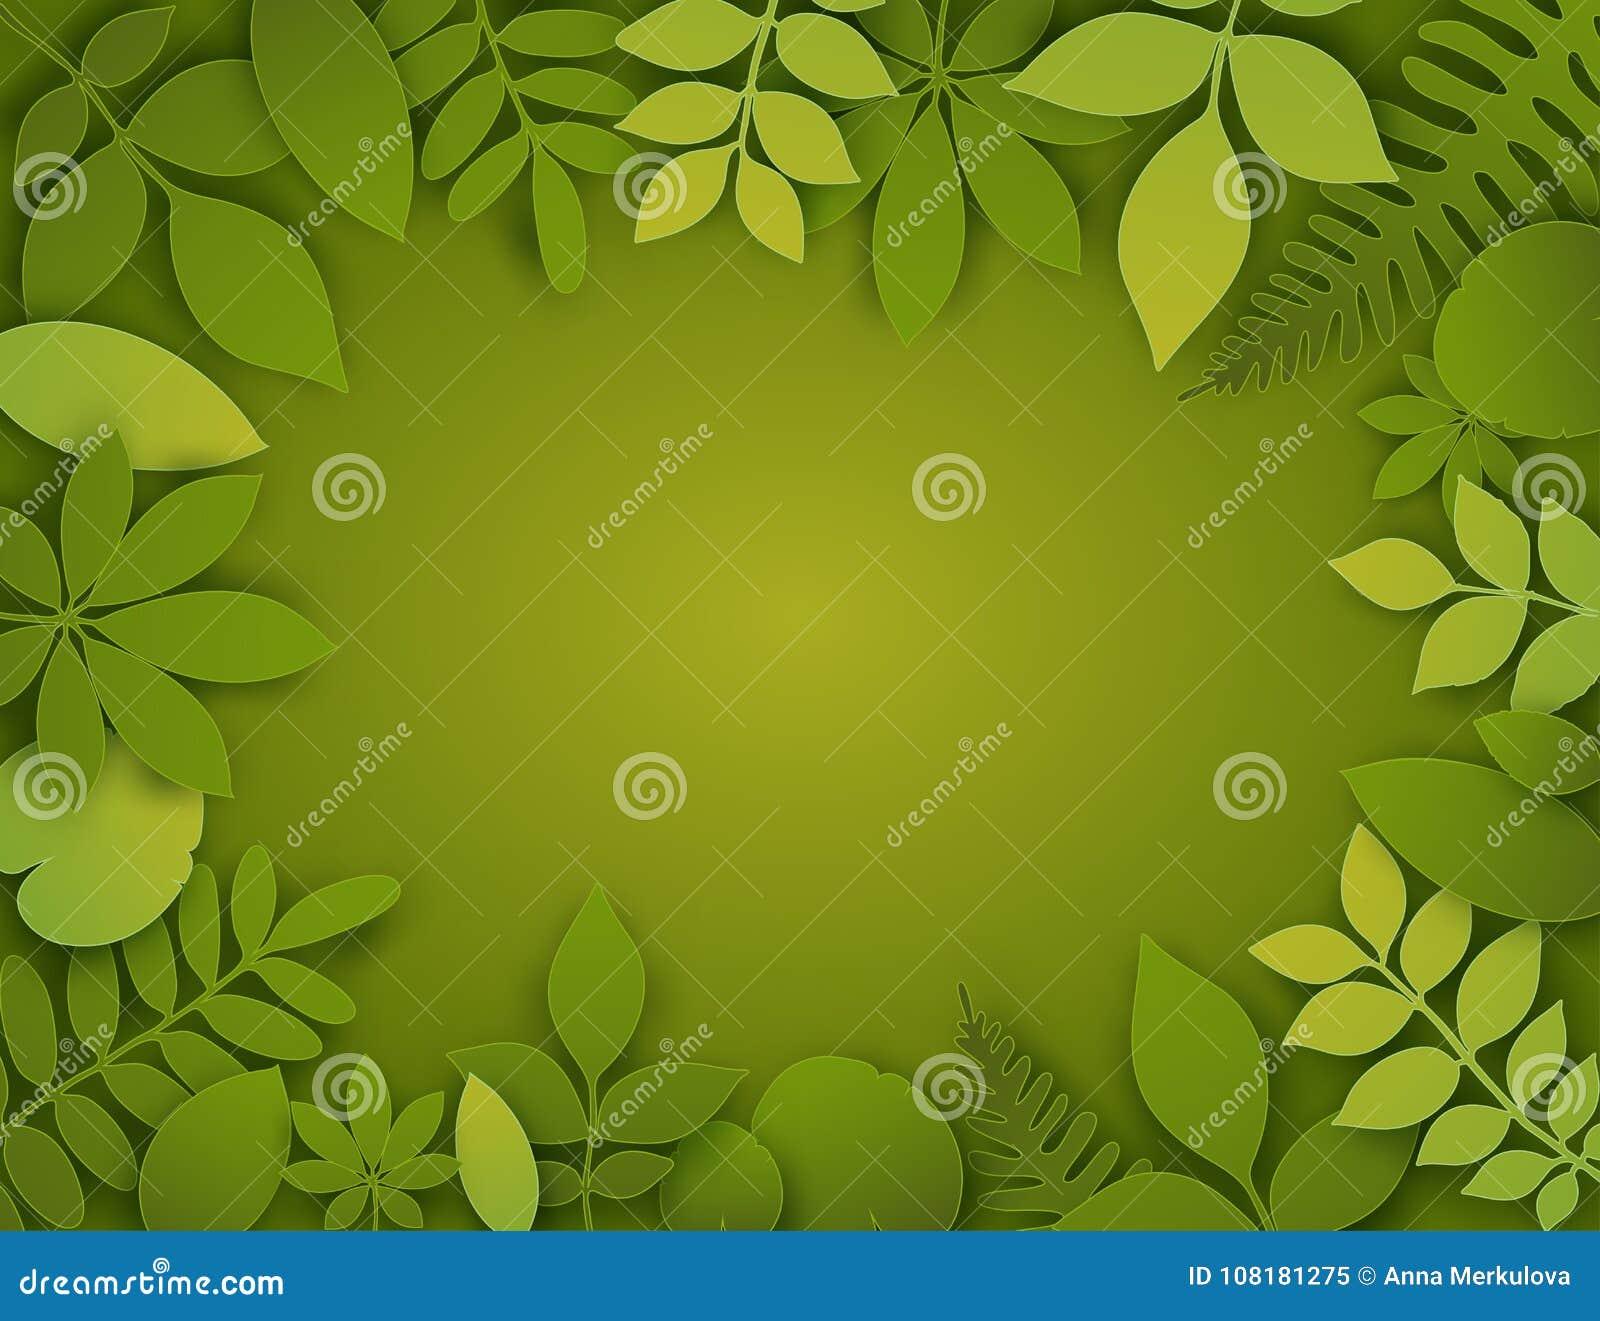 Листья отрезка бумаги вектора лето знамени тропическое